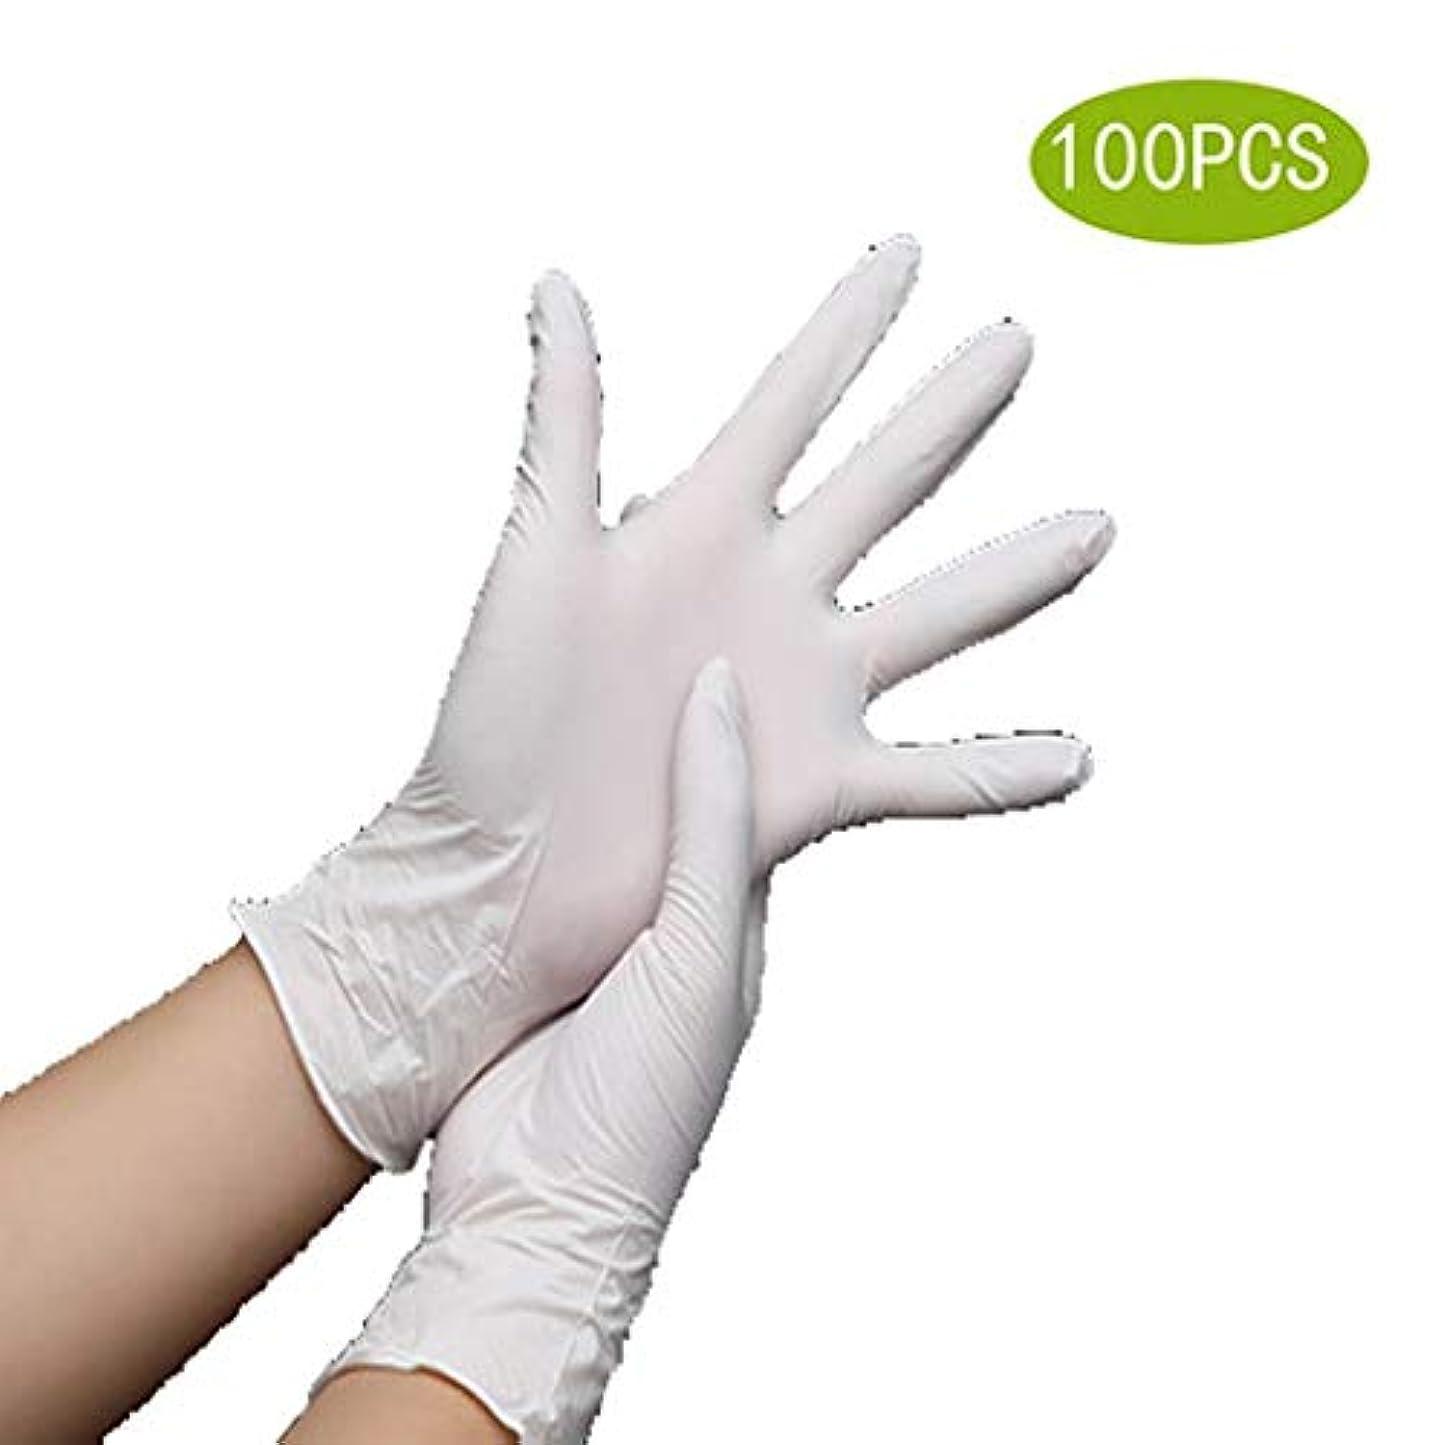 メナジェリー発揮する増幅ニトリル使い捨て手袋、3ミルの厚さ、質感の指先(100箱) (Color : White, Size : XS)